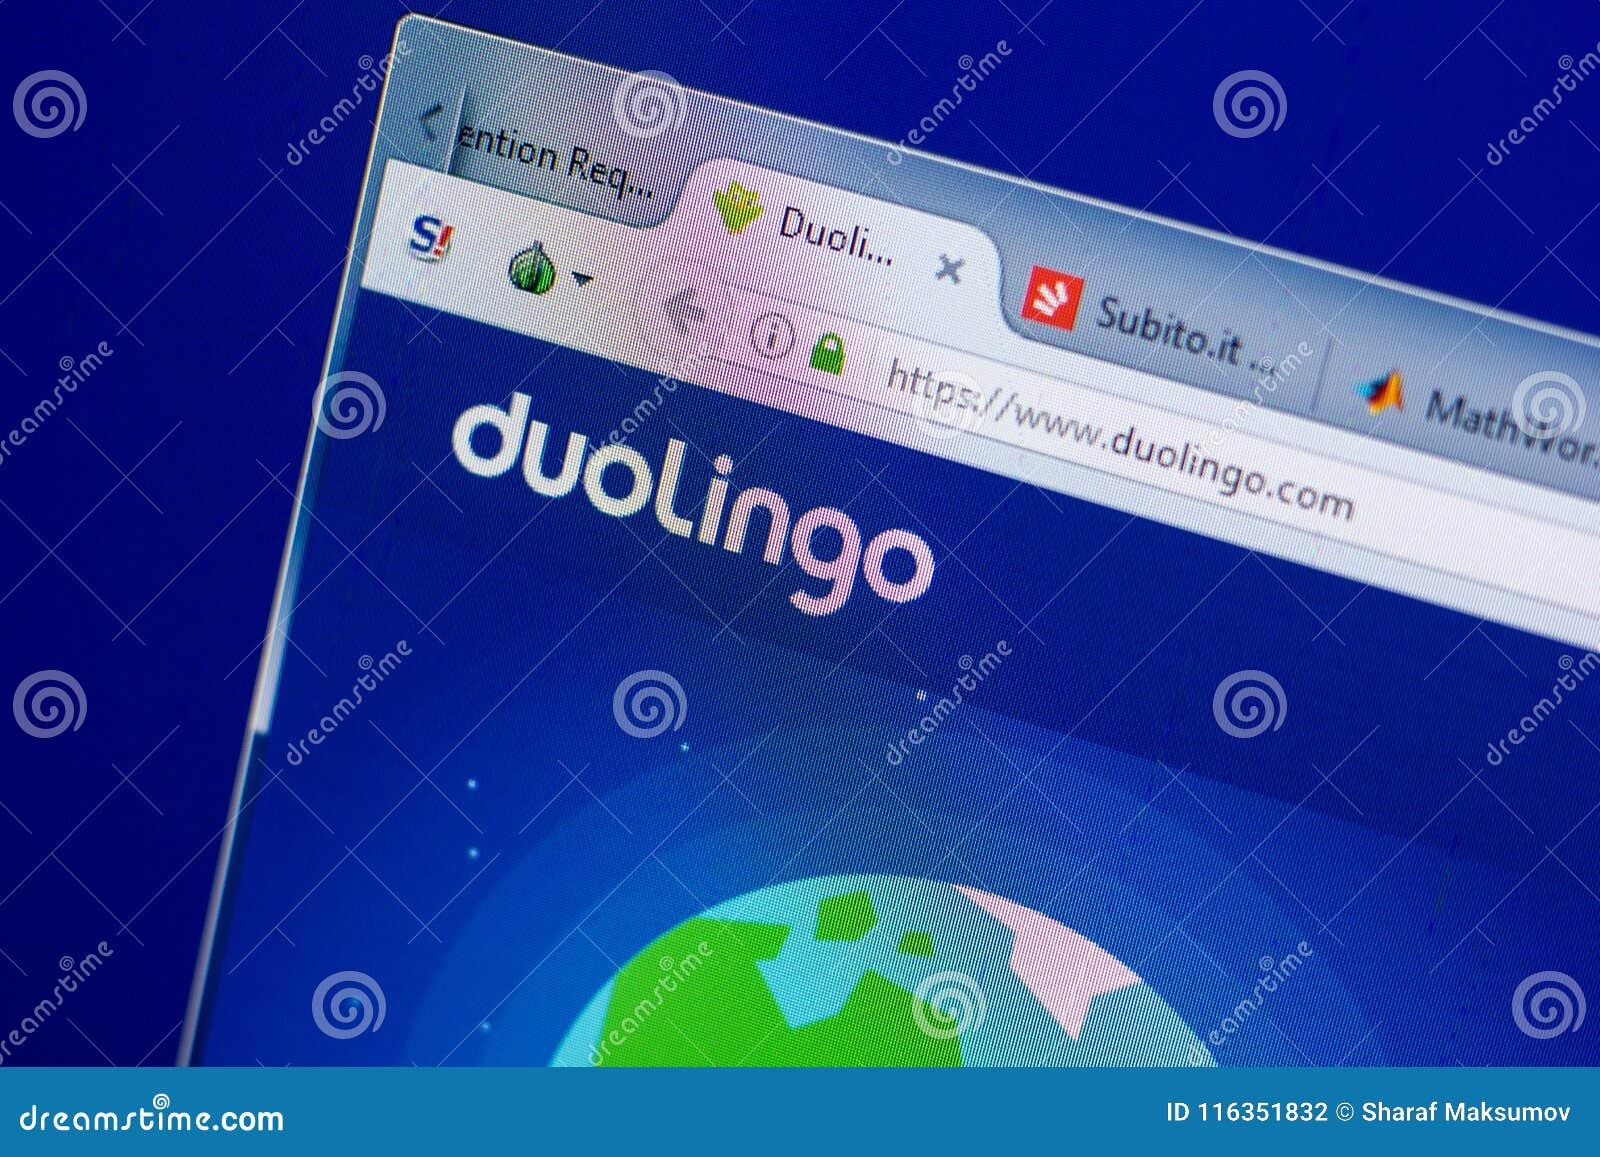 duolingo product writer